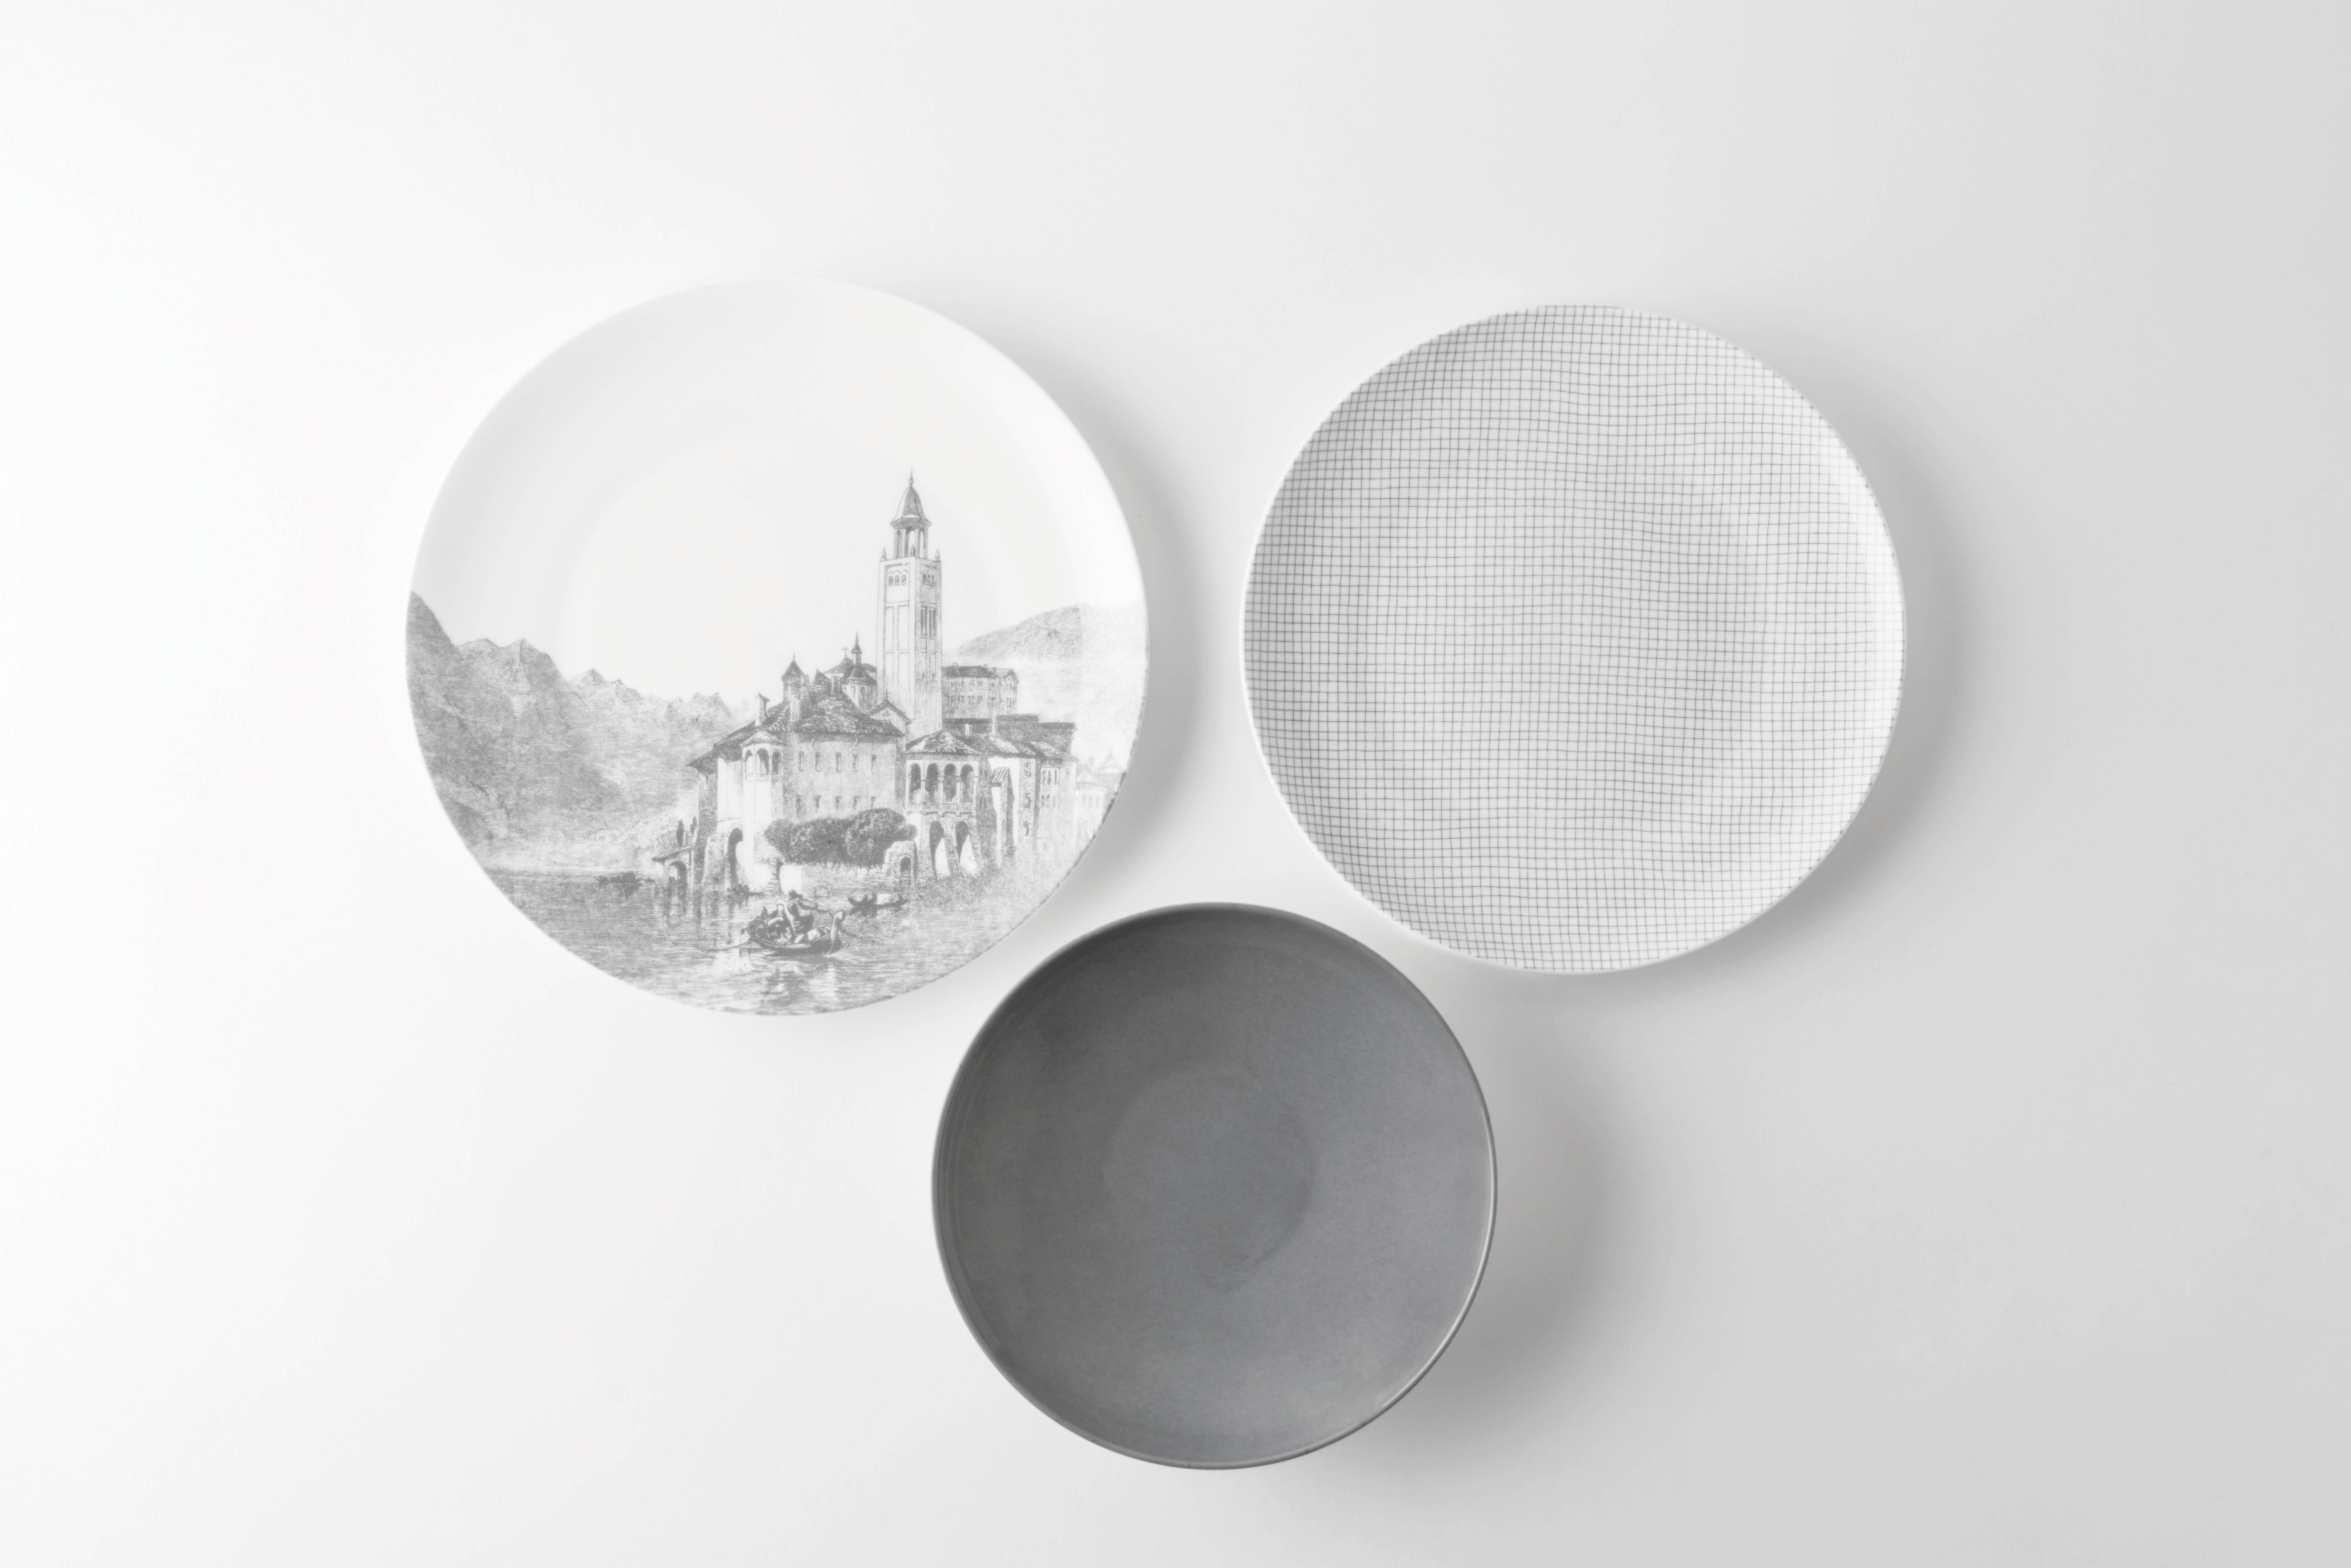 KnIndustrie_Viaggio in ItaliaPaesaggi_ disegnata da Elisa Ossino la collezione rivisita il tema classico dei piatti dipinti con scene di paesaggi evocativi e